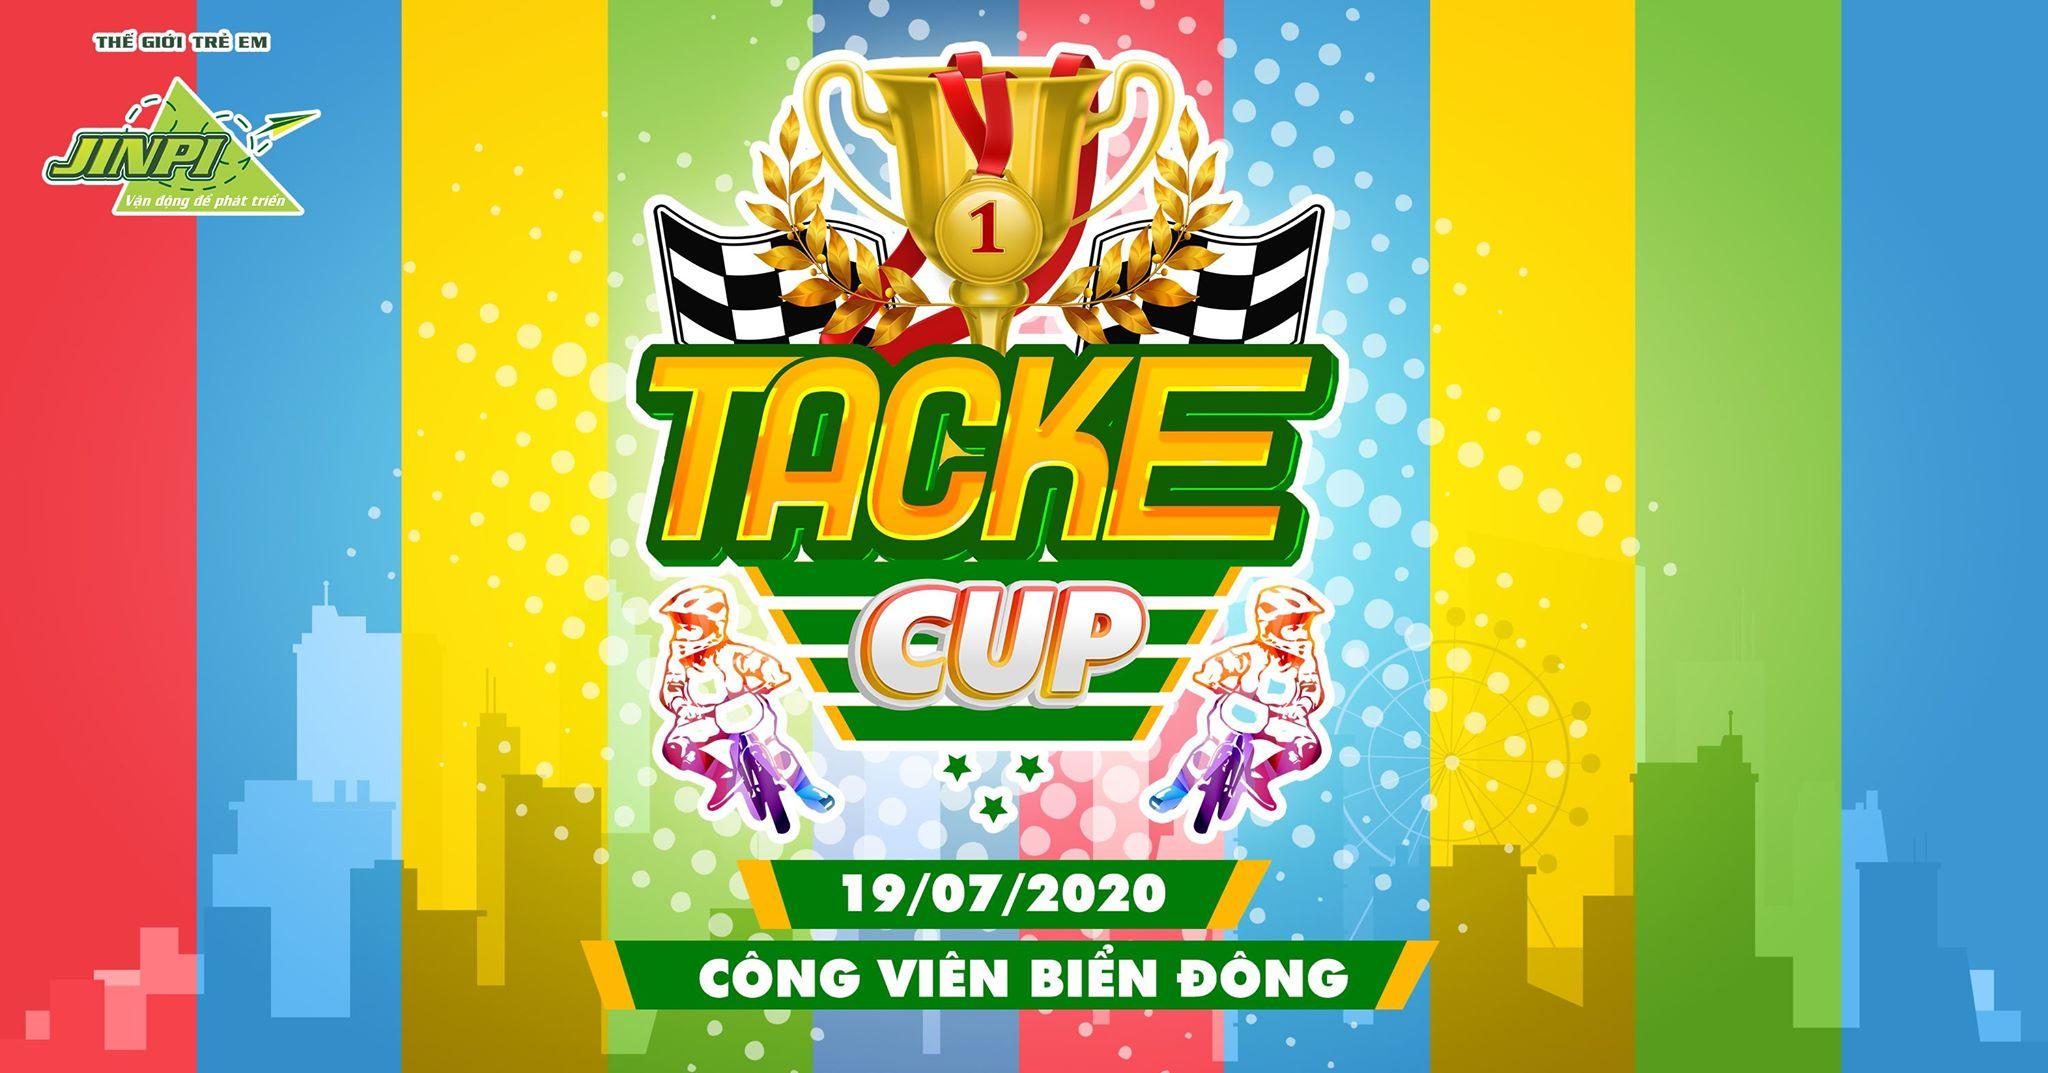 Tacke Cup 2020 - Đà Nẵng